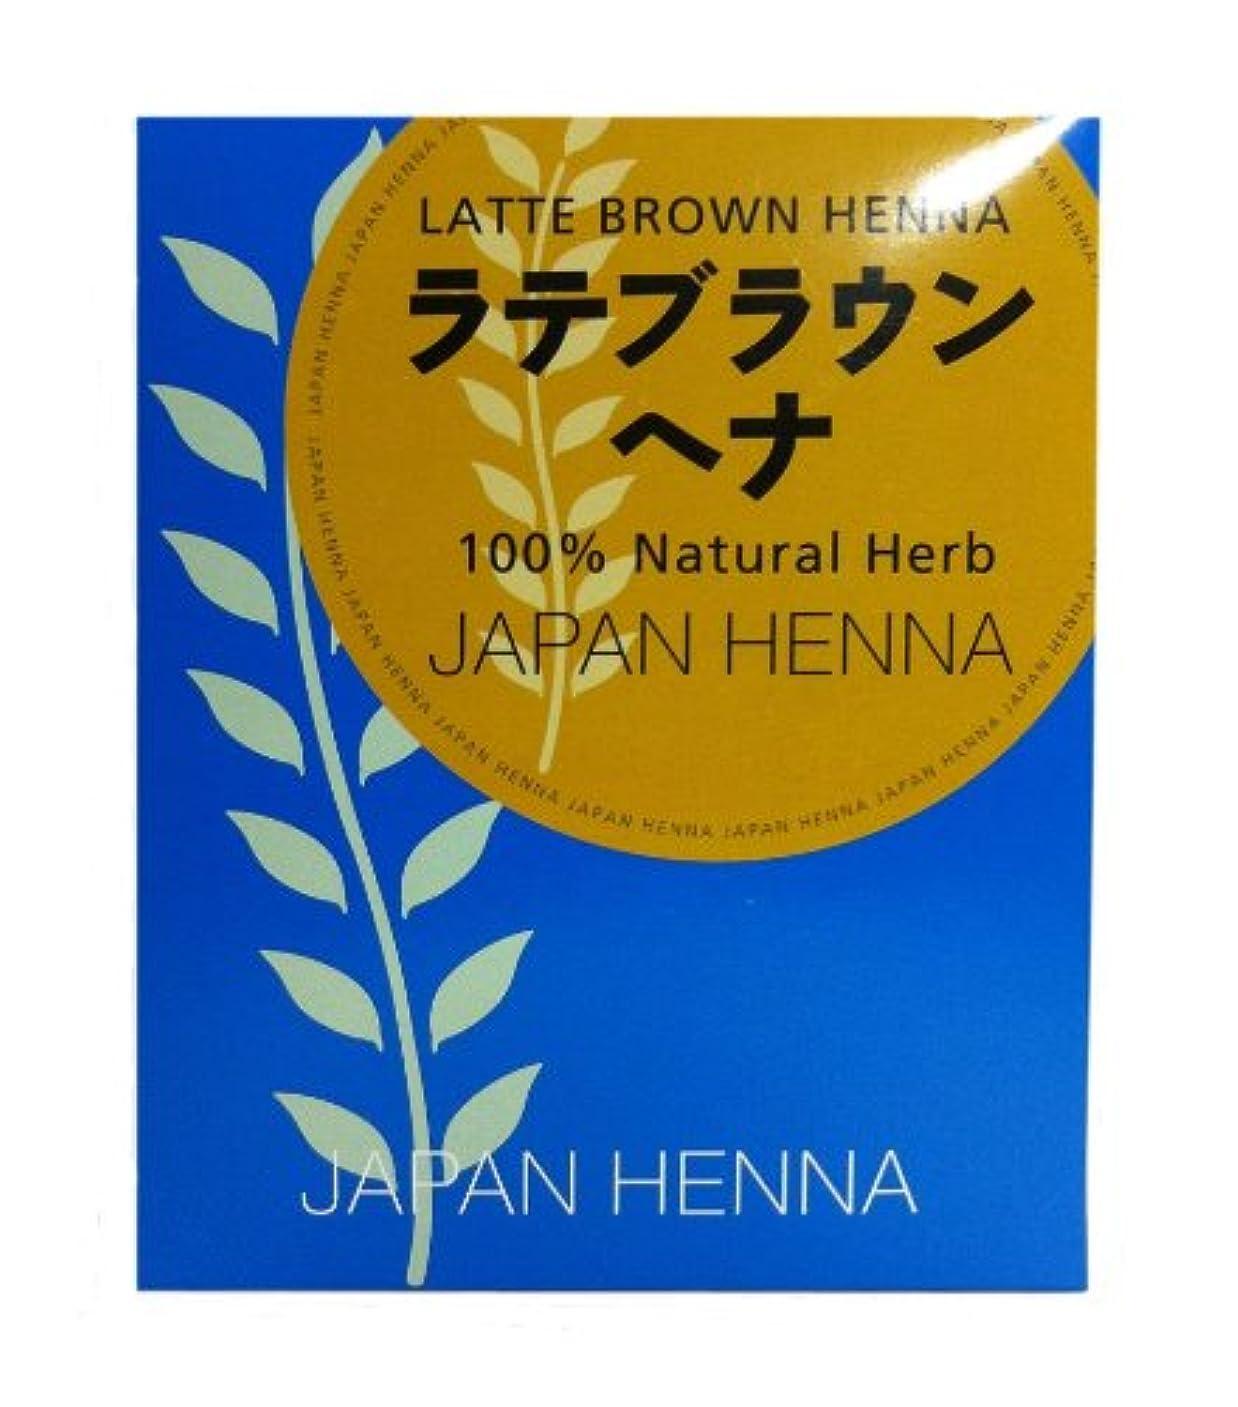 ペンダント倒錯適度なジャパンヘナ 天然100% ヘナパウダー ラテブラウン 100g 手袋入り B-10 白髪染め